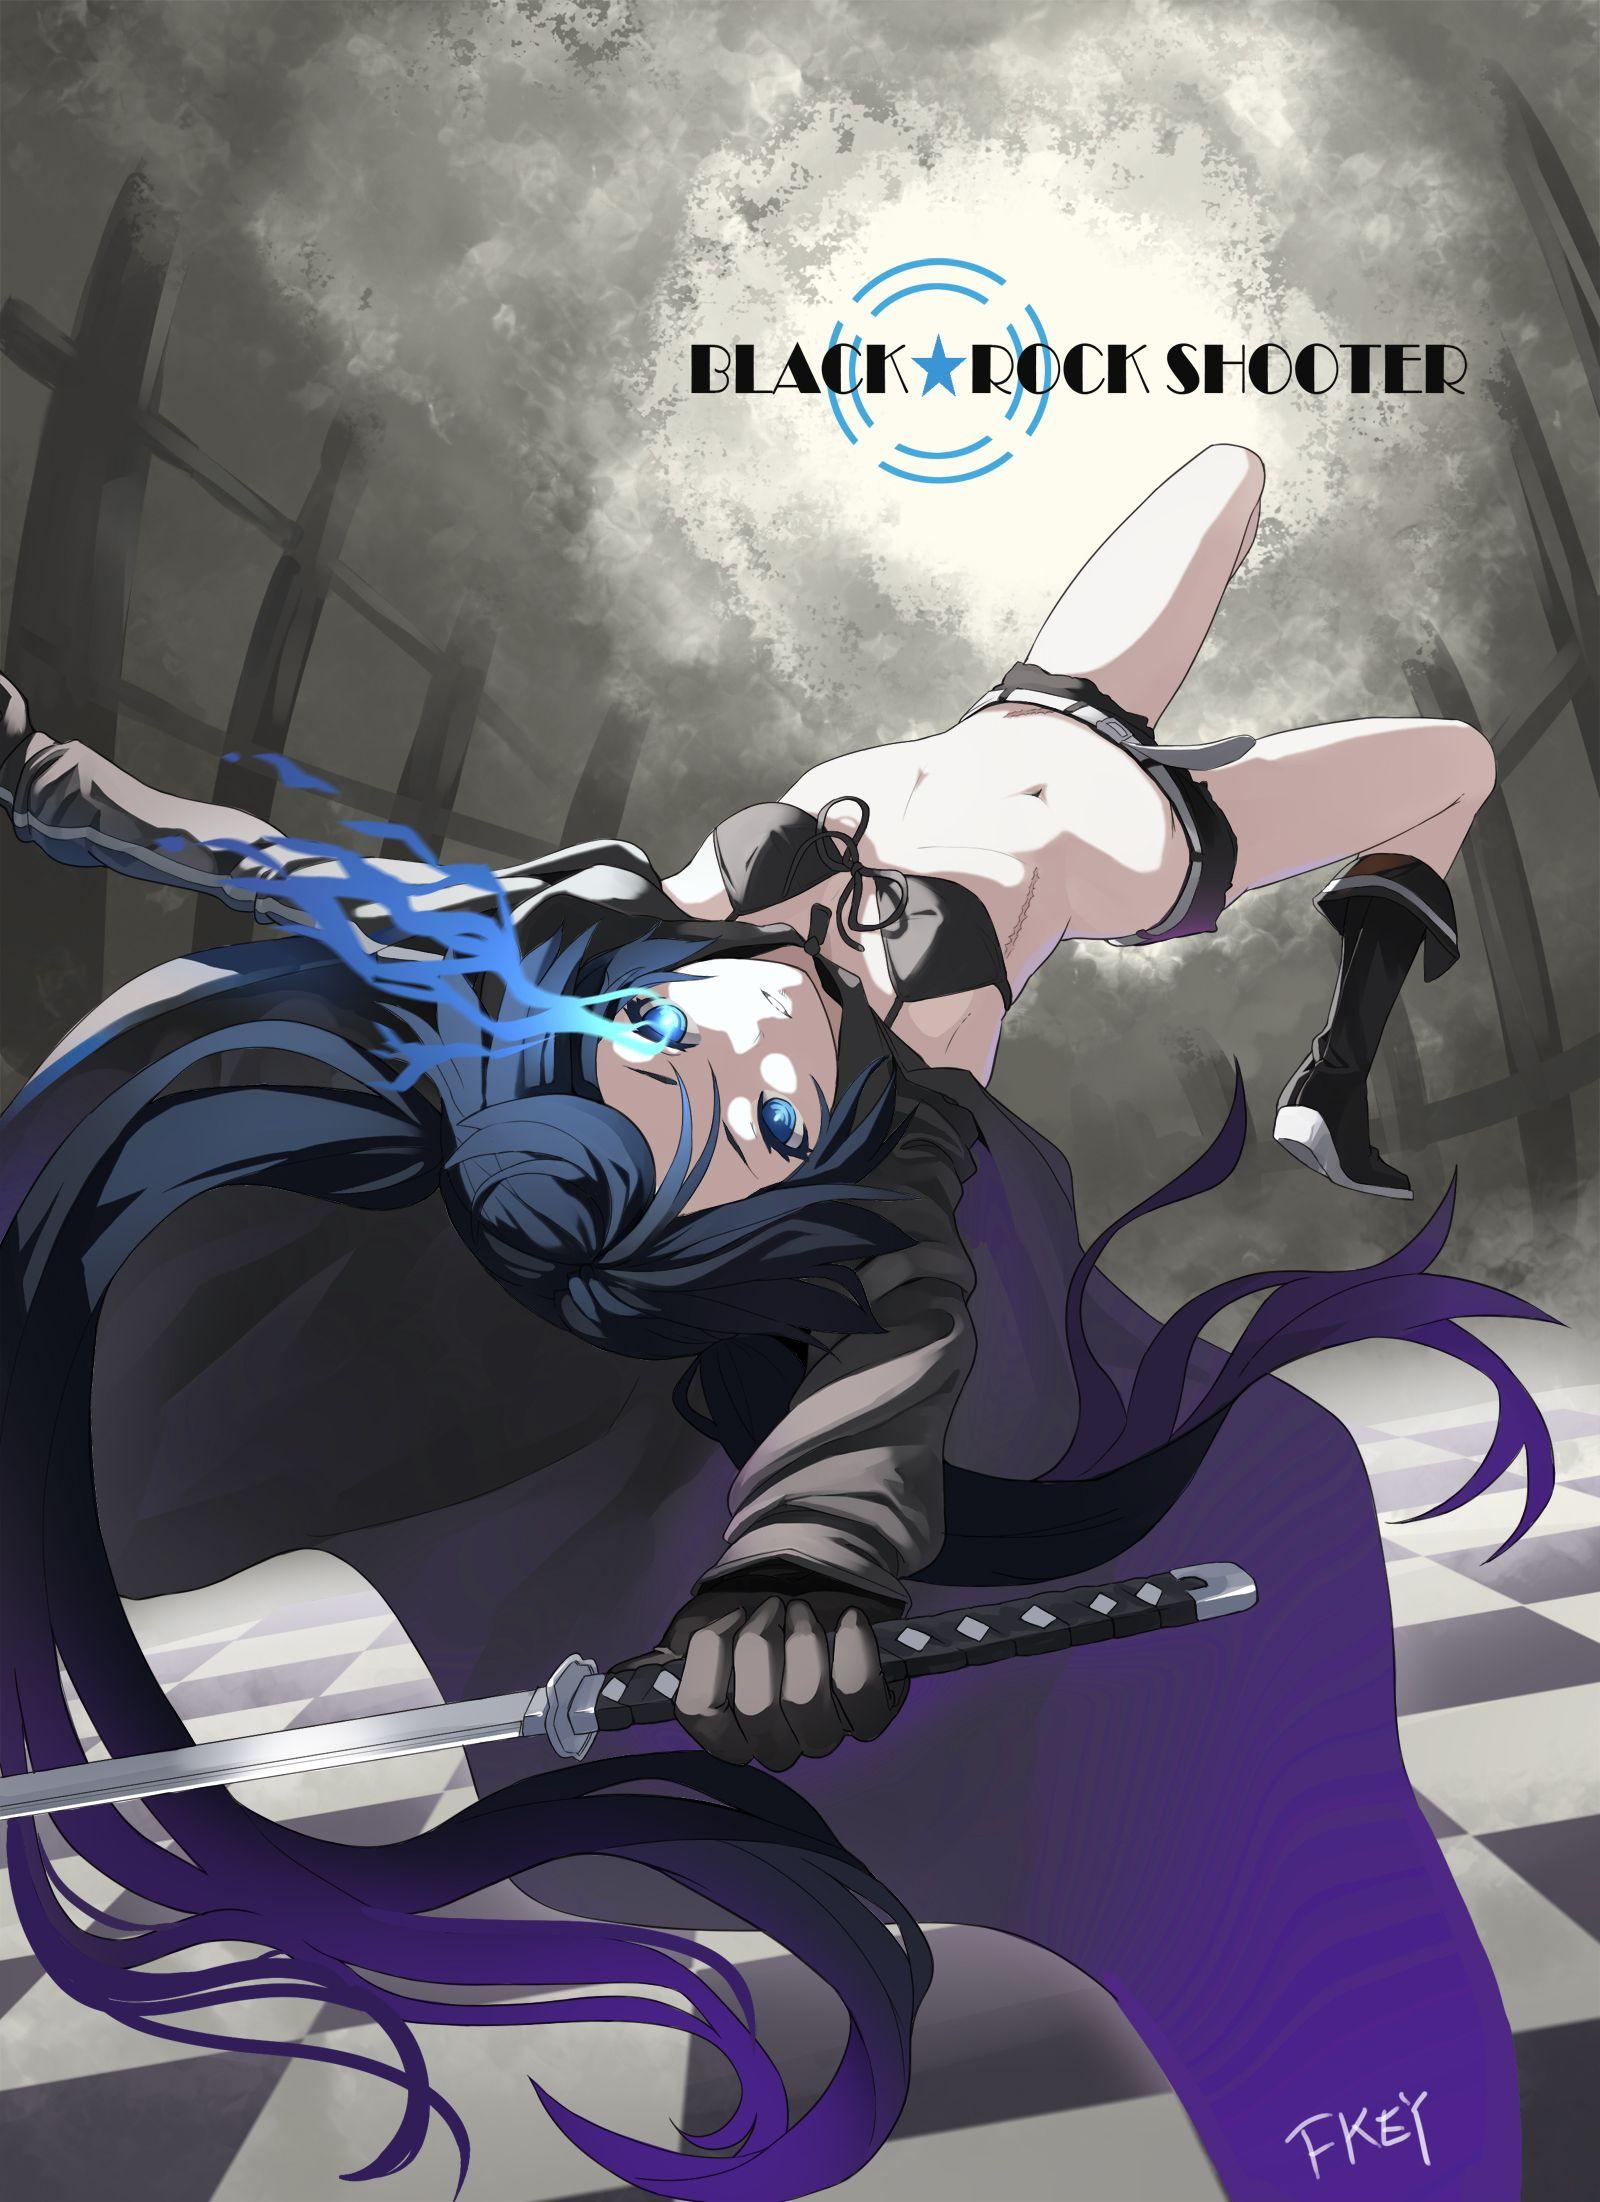 anime vocaloid black rock shooter Black☆Rock Shooter